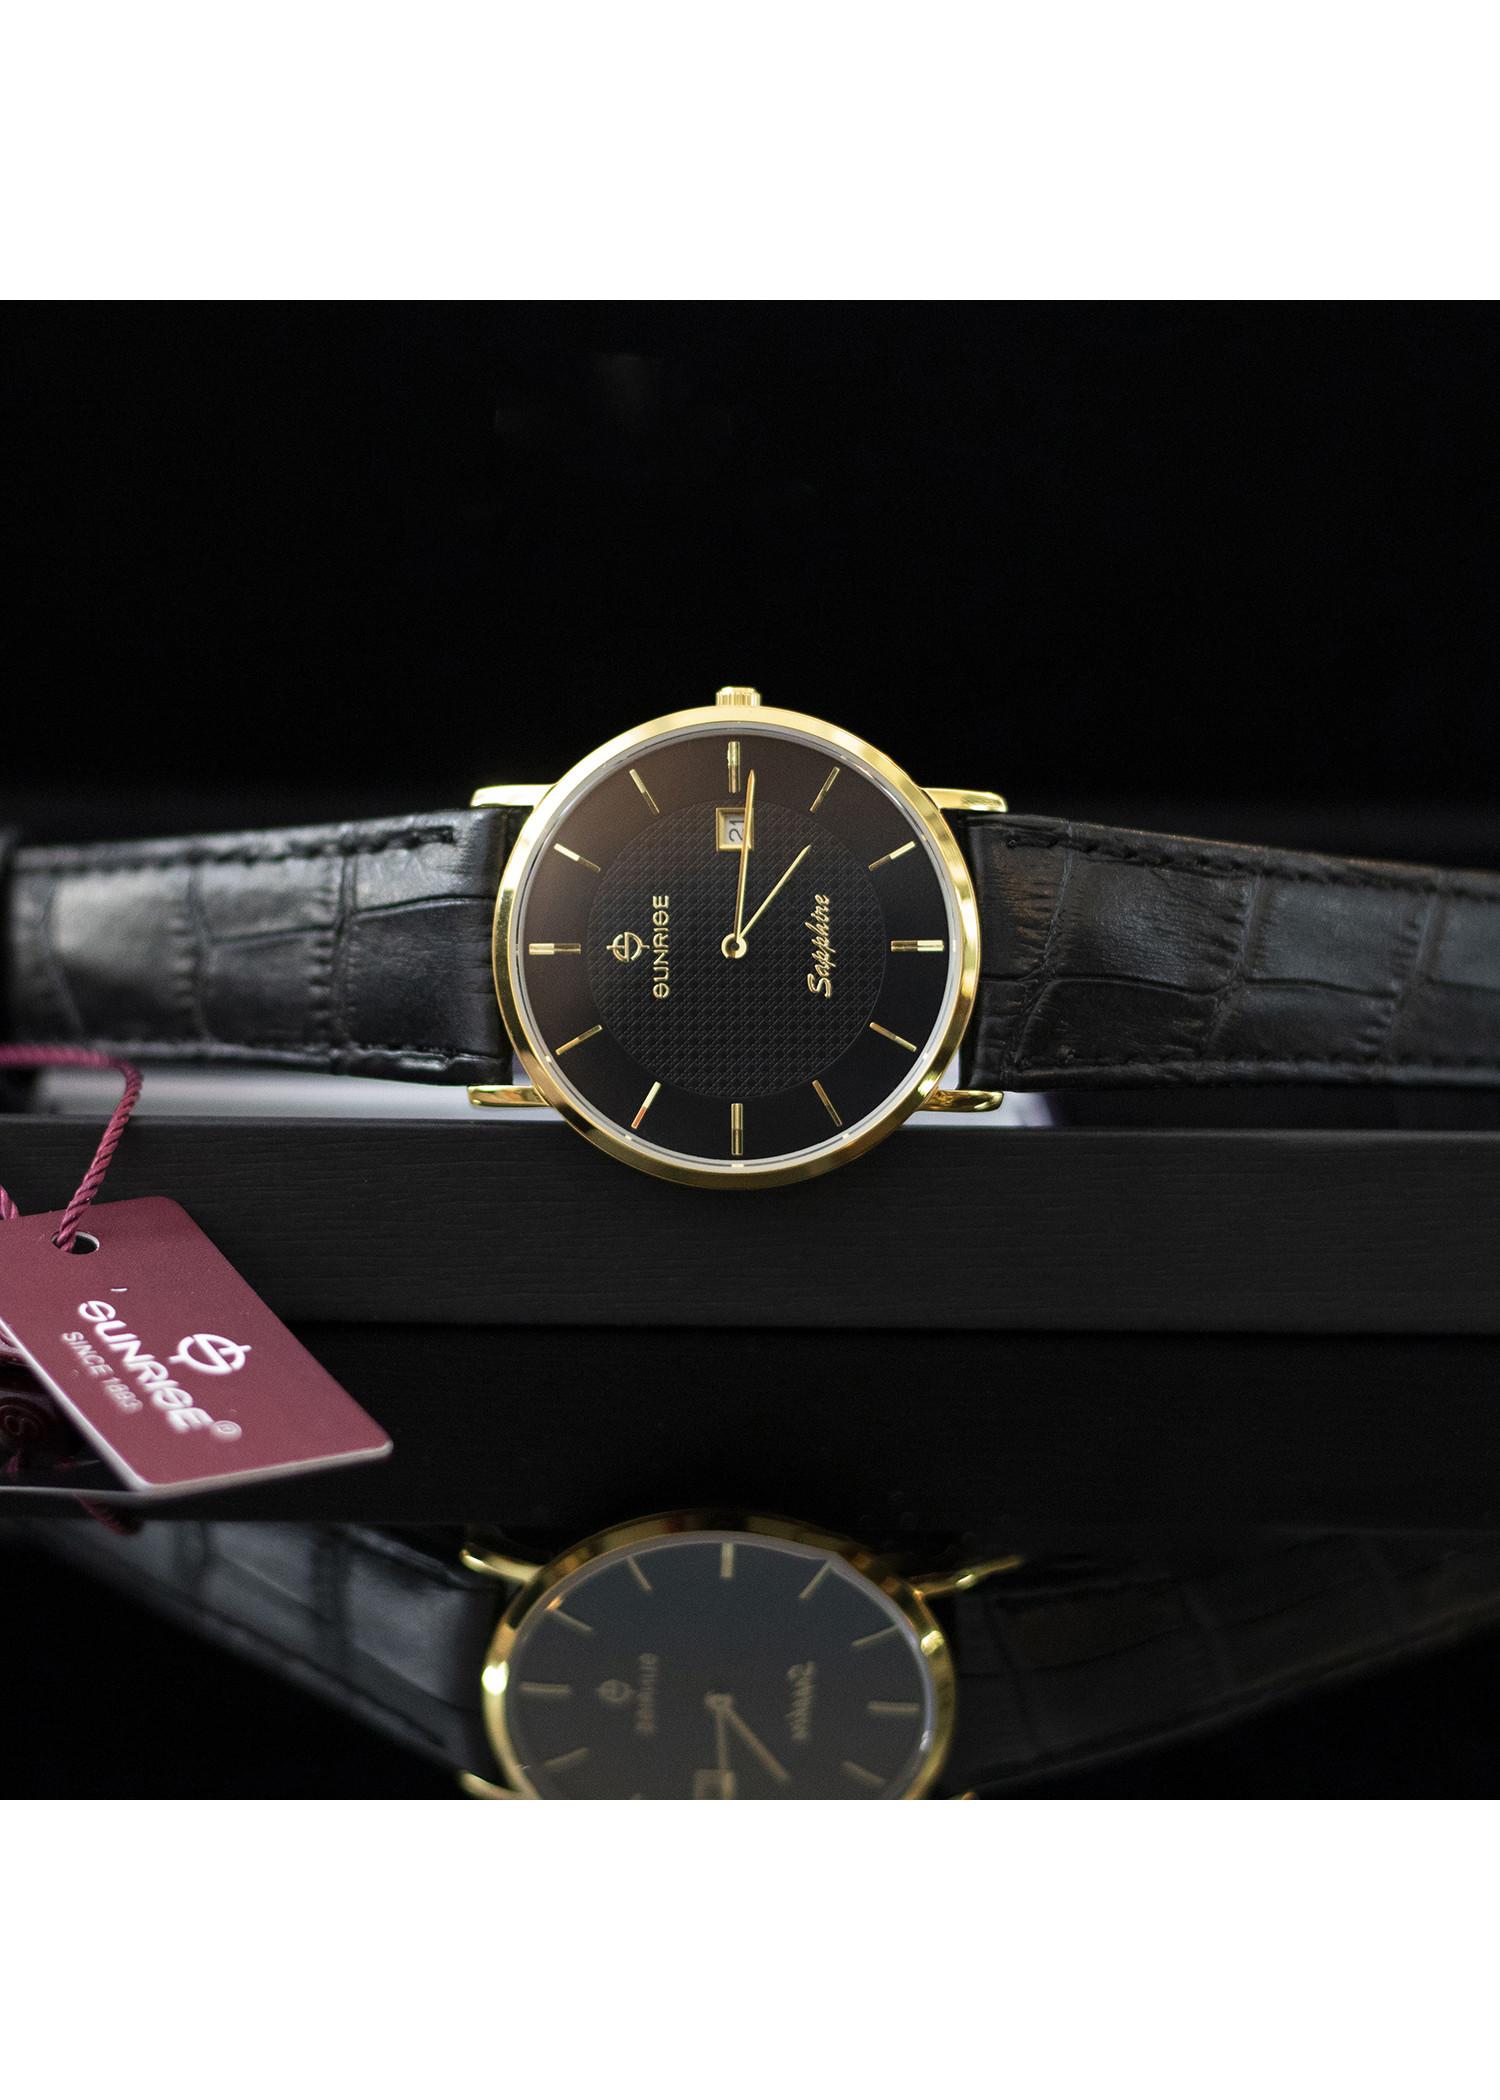 Đồng hồ nam Sunrise DM6929SWA [Full Box] - Kính Sapphire, chống xước, chống nước - Dây da cao cấp